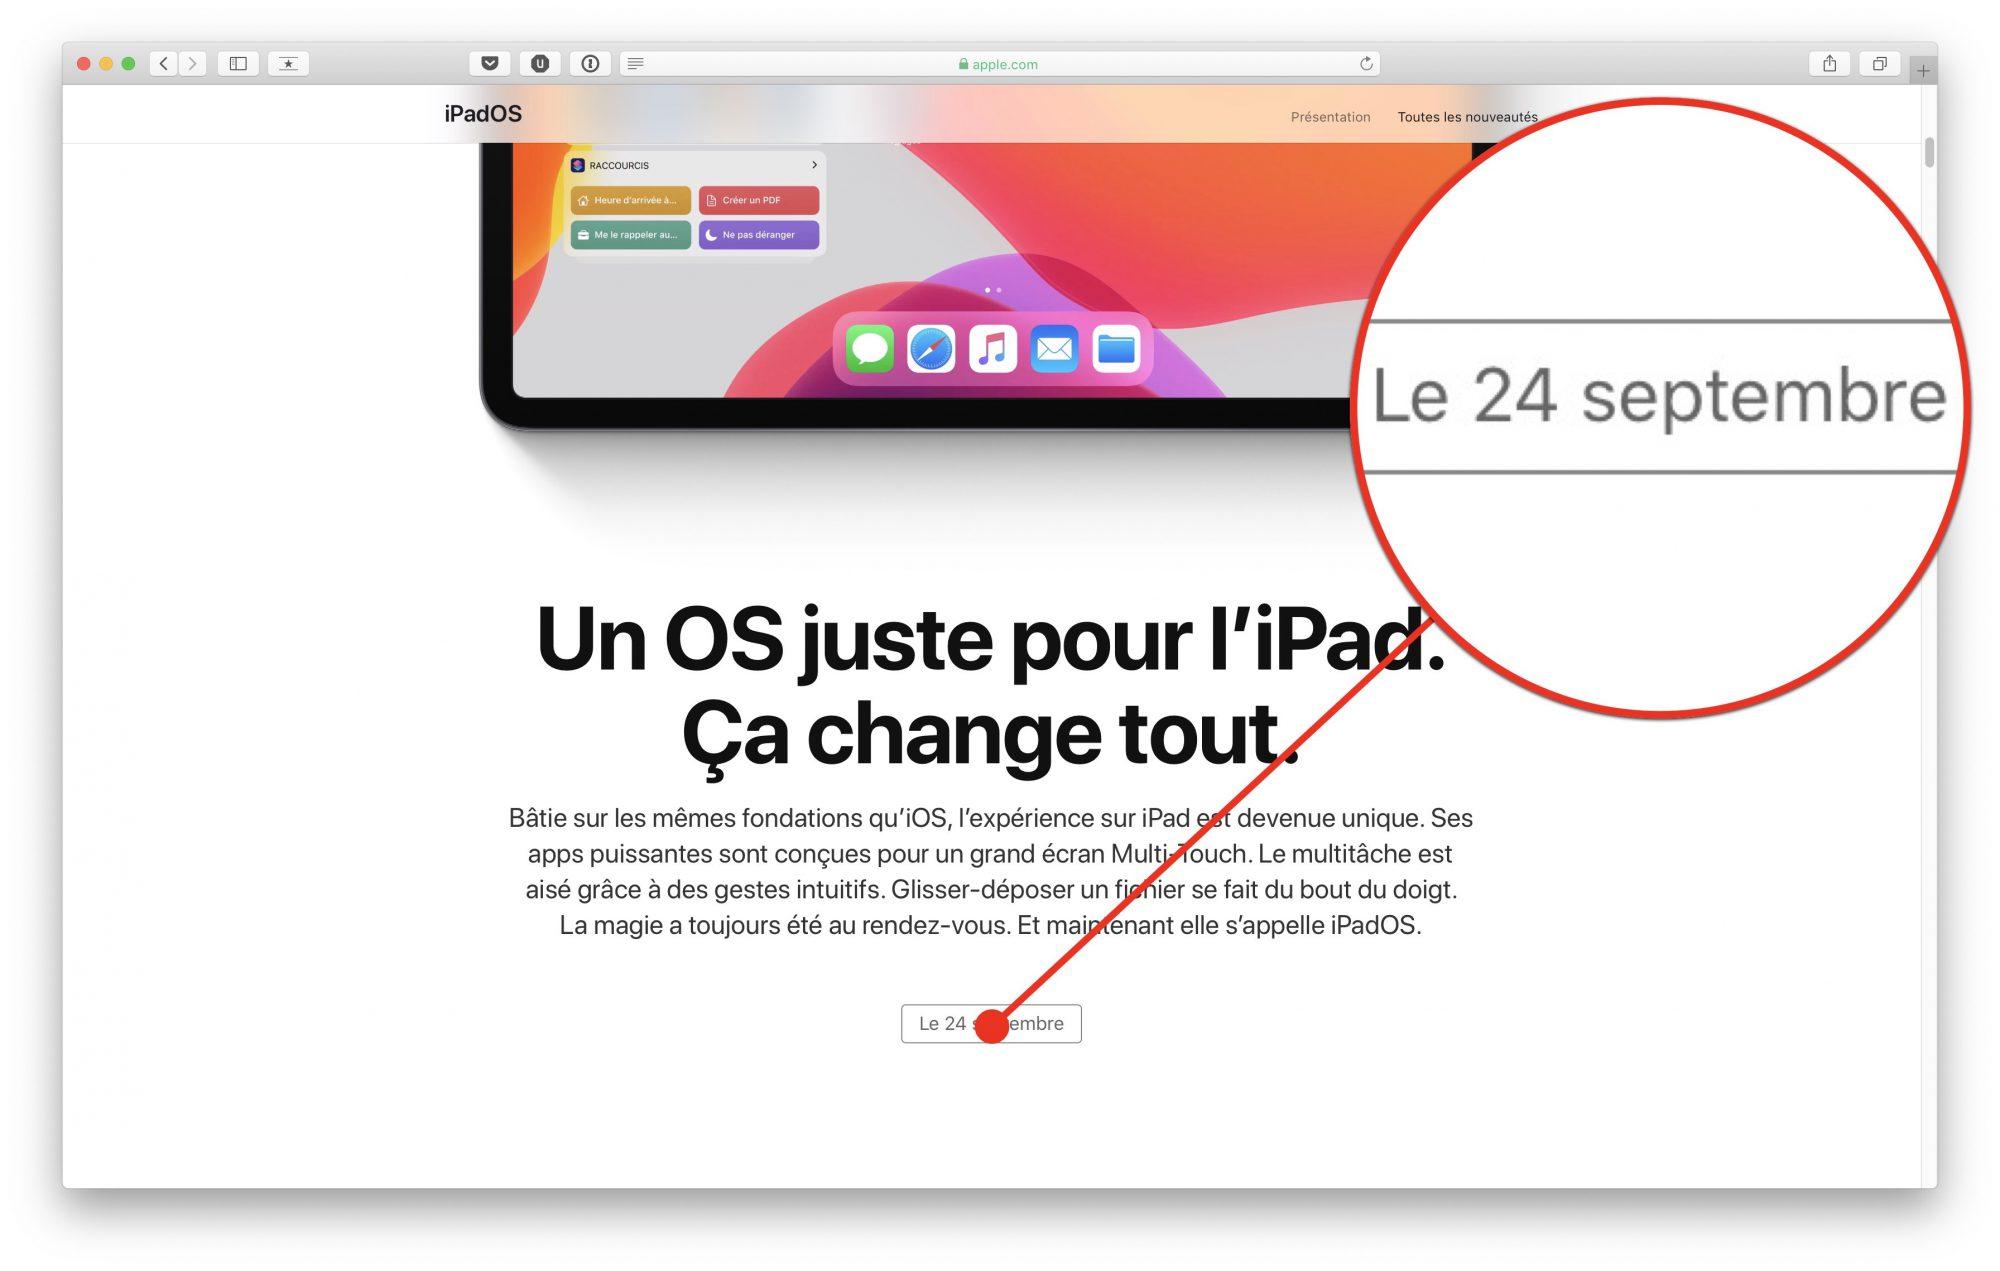 iPadOS et iOS 13.1